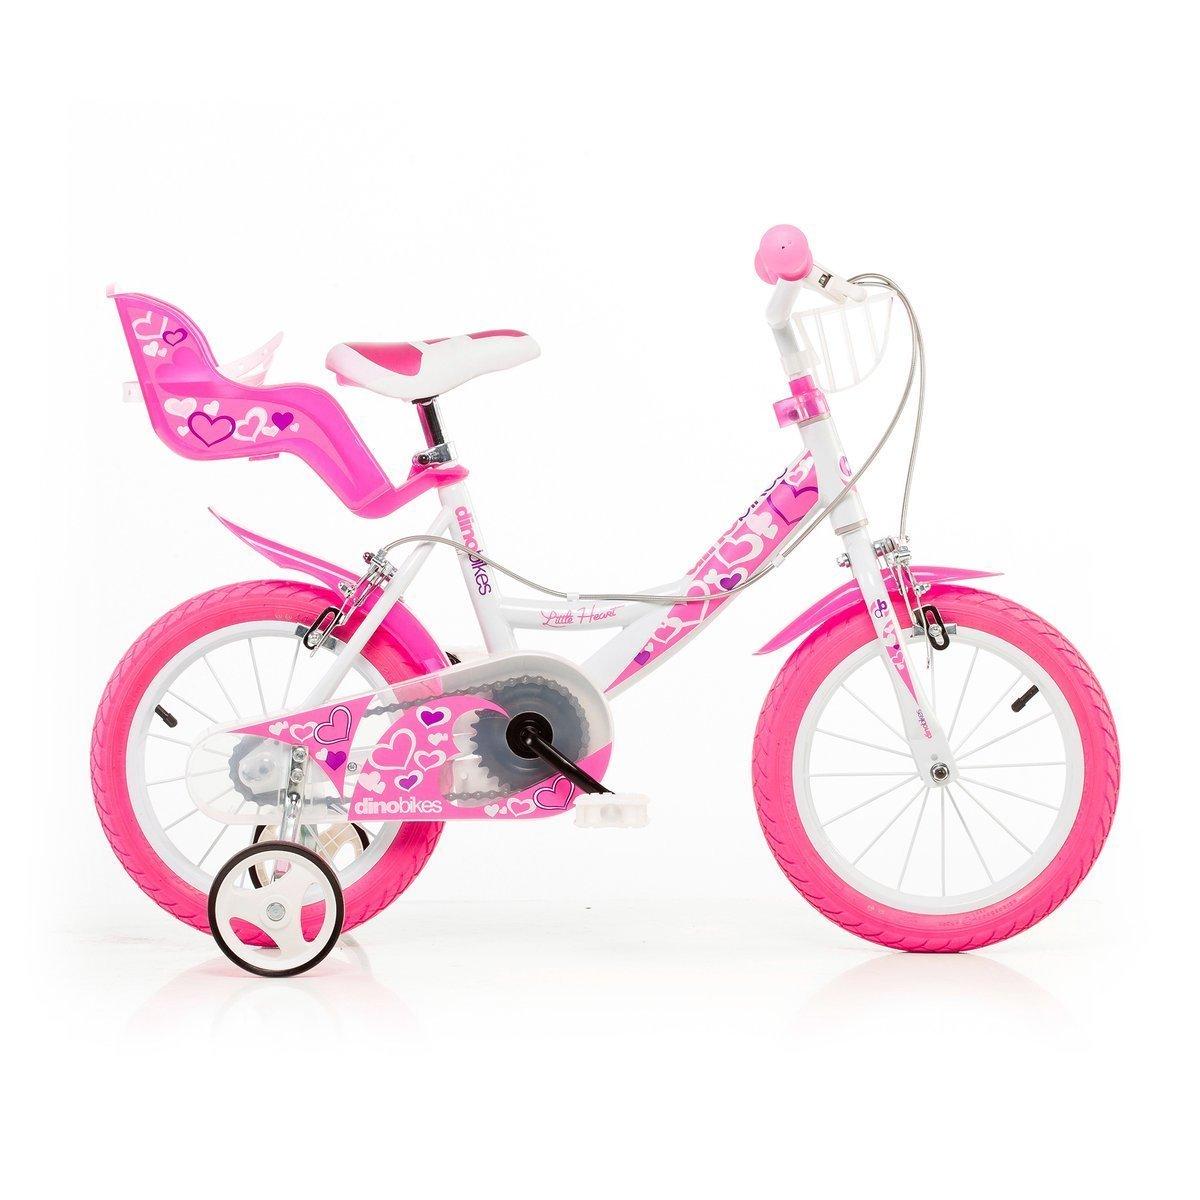 Bicicleta Dino Bikes Little Heart 16 Ni/ñas Completo 16 Metal Rosa Hacia un lado, Completo, 40,6 cm 16 Color blanco bicicletta , Metal, Rosa, Blanco, Cadena